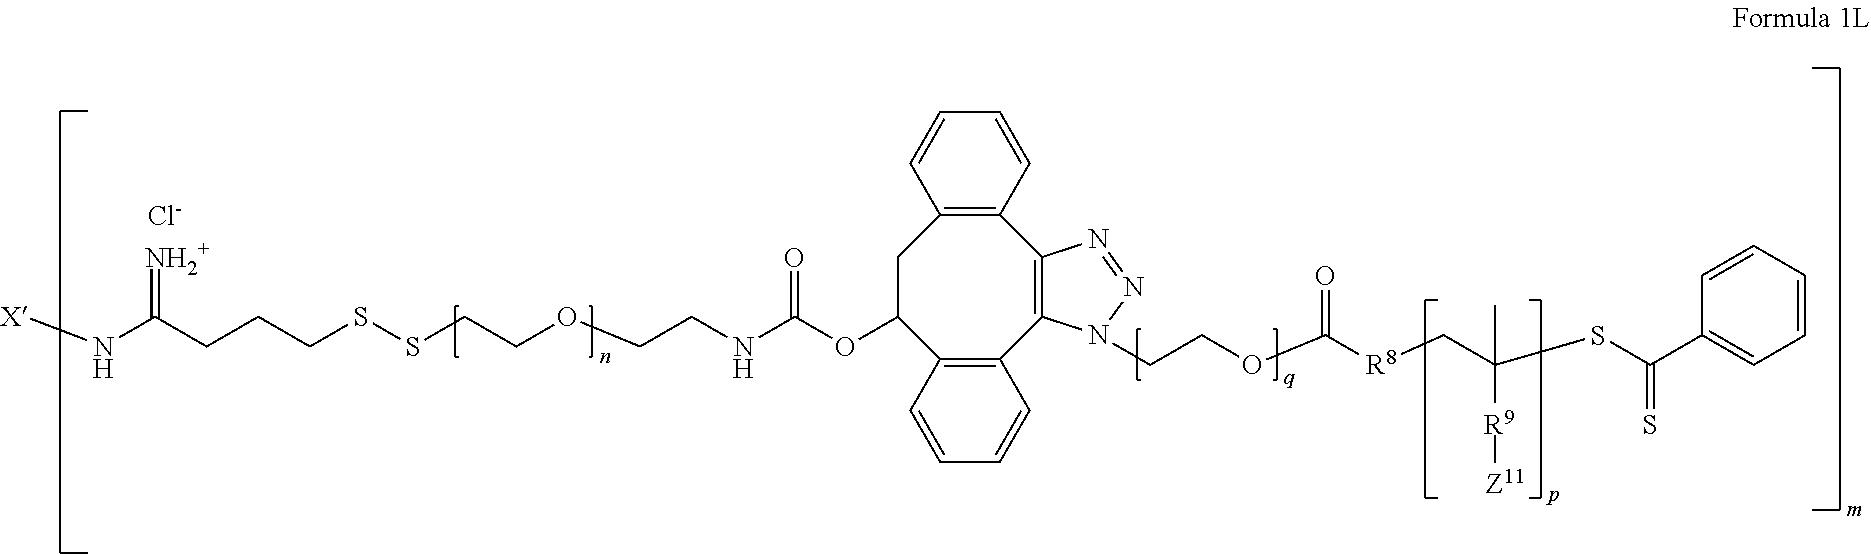 Figure US10046056-20180814-C00055